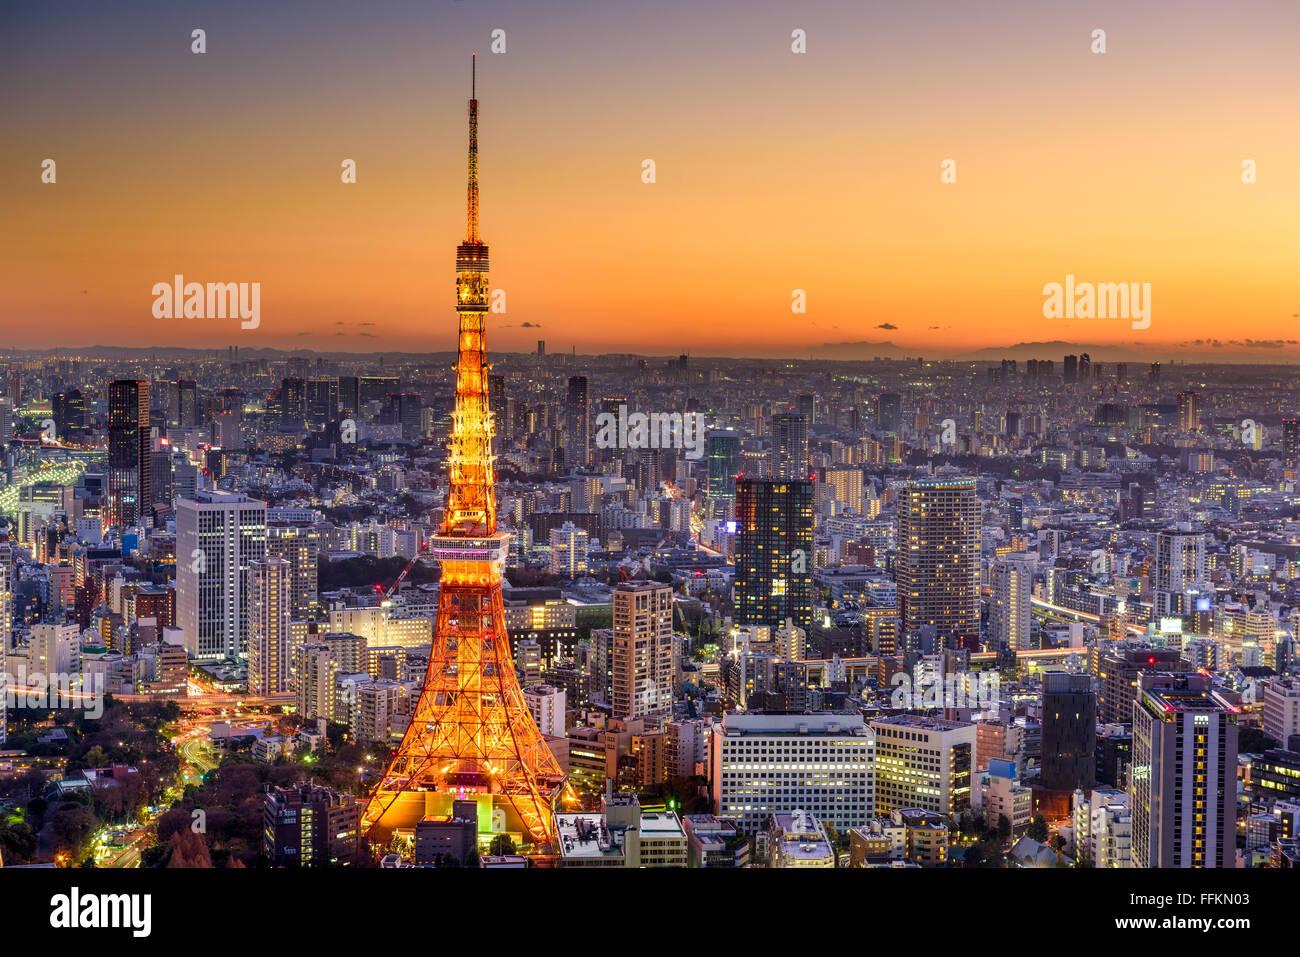 Tokyo, Japan Stadt Skyline in der Abenddämmerung. Stockfoto